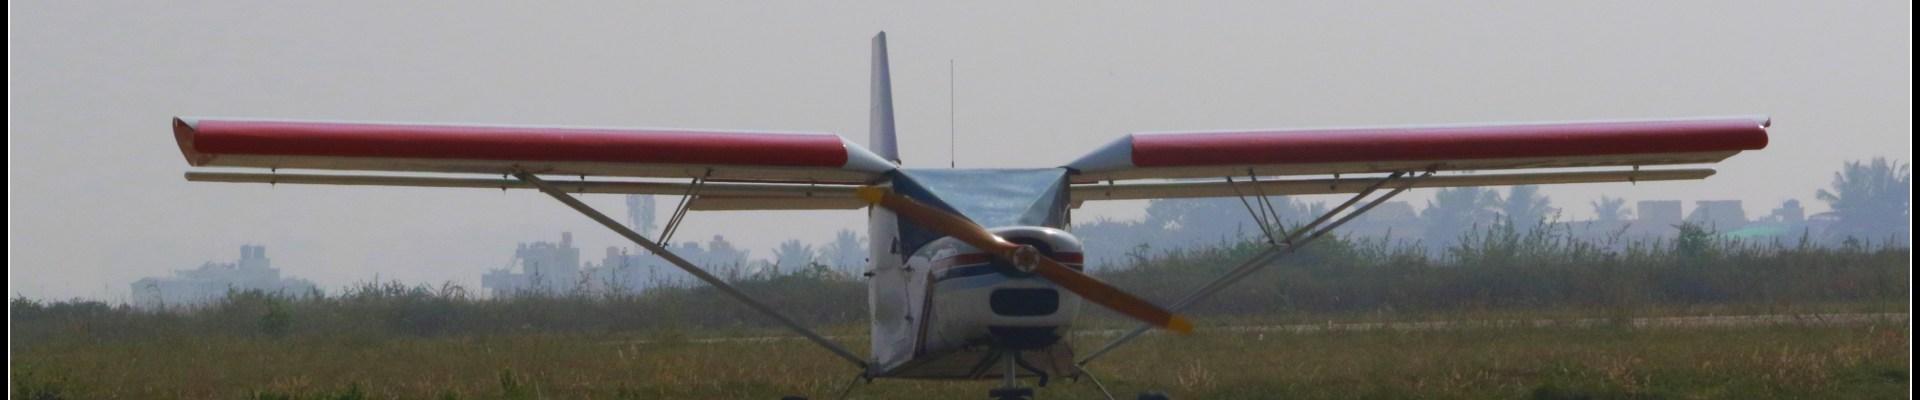 Micro flight – Up the sky, I fly so high!